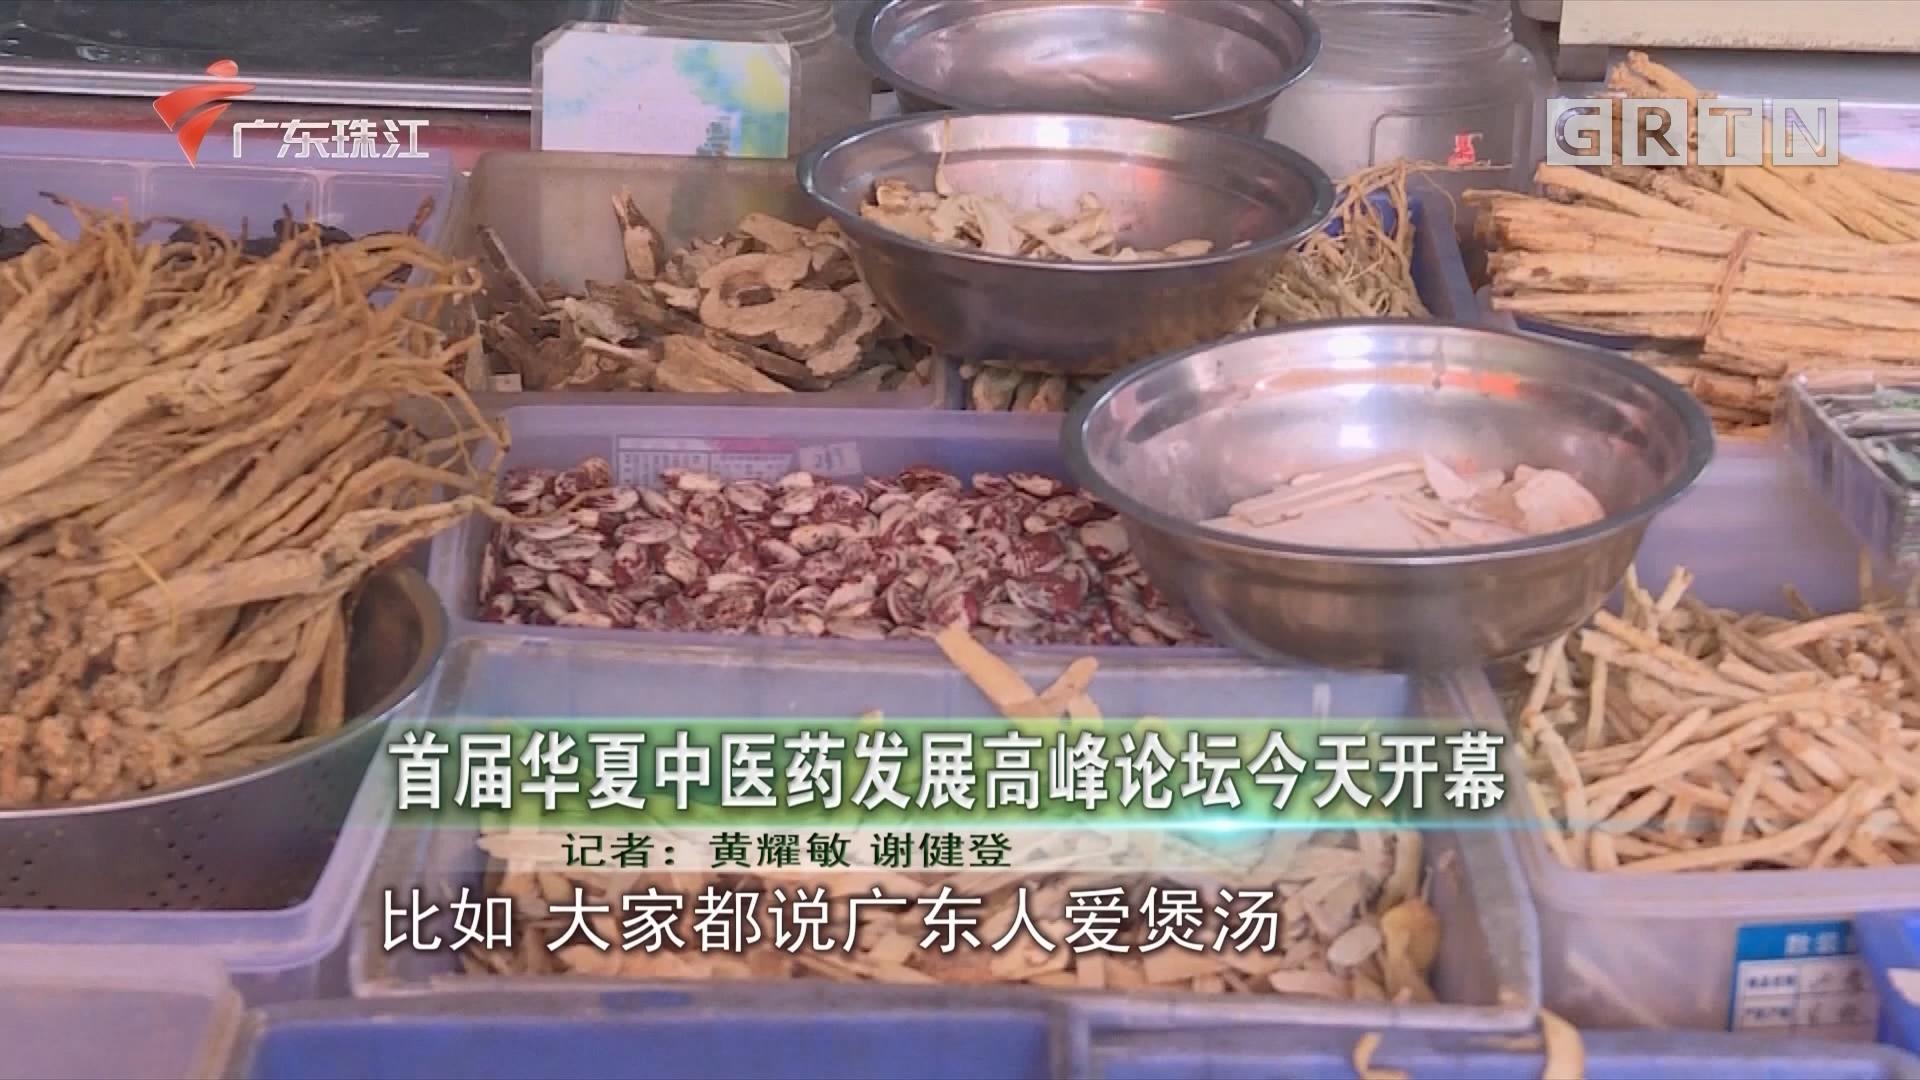 首届华夏中医药发展高峰论坛今天开幕